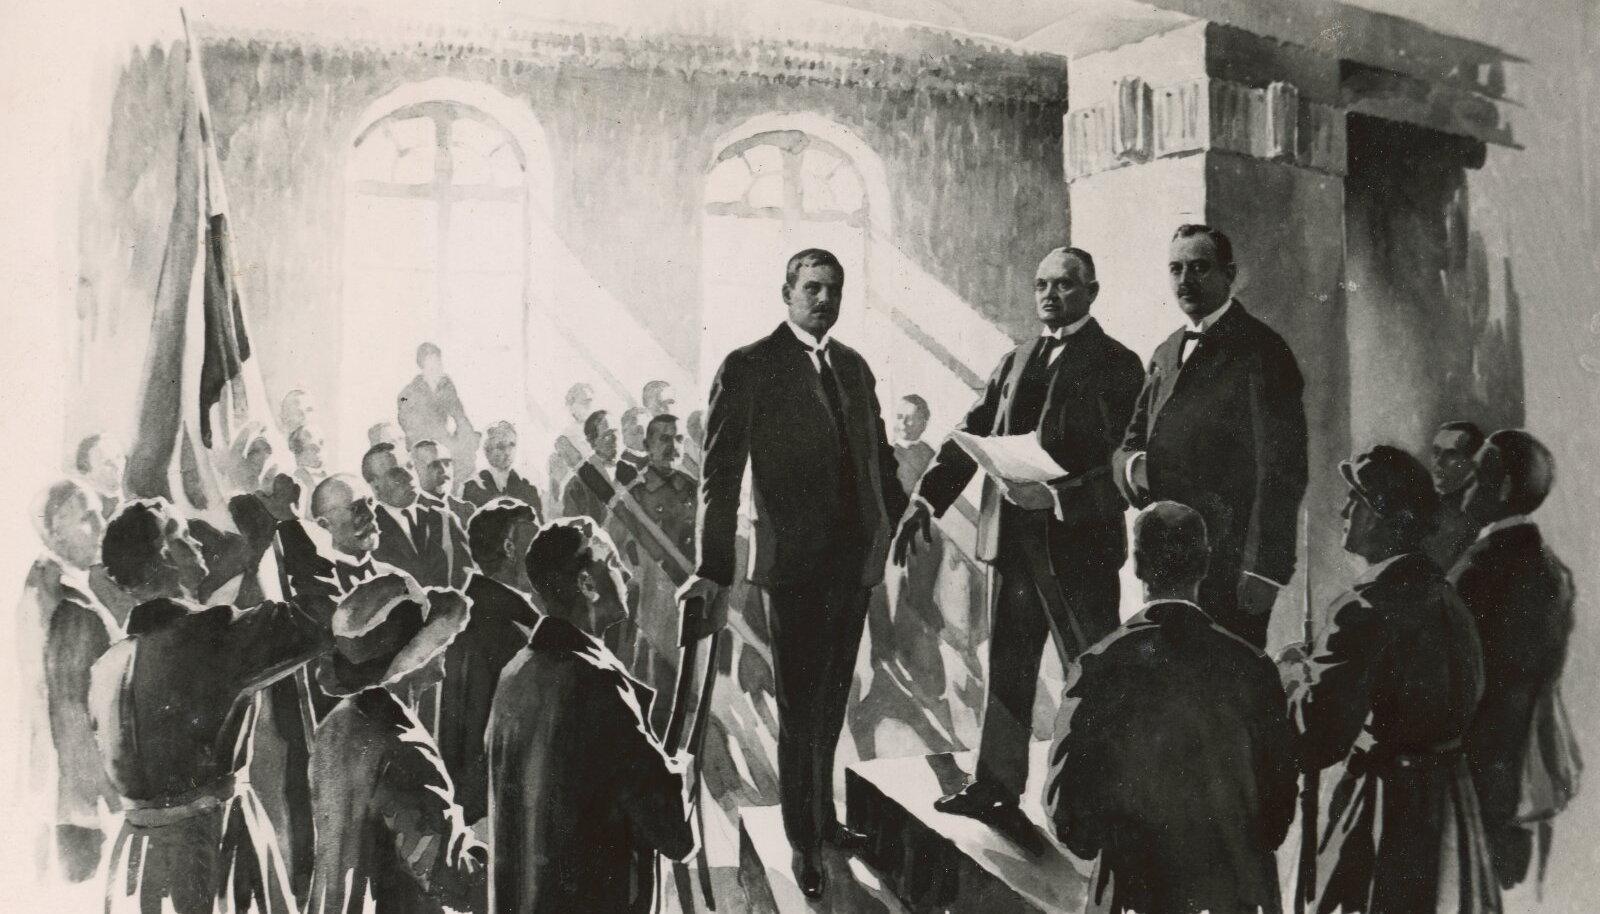 Eesti Vabariigi väljakuulutamine 24.II.1918